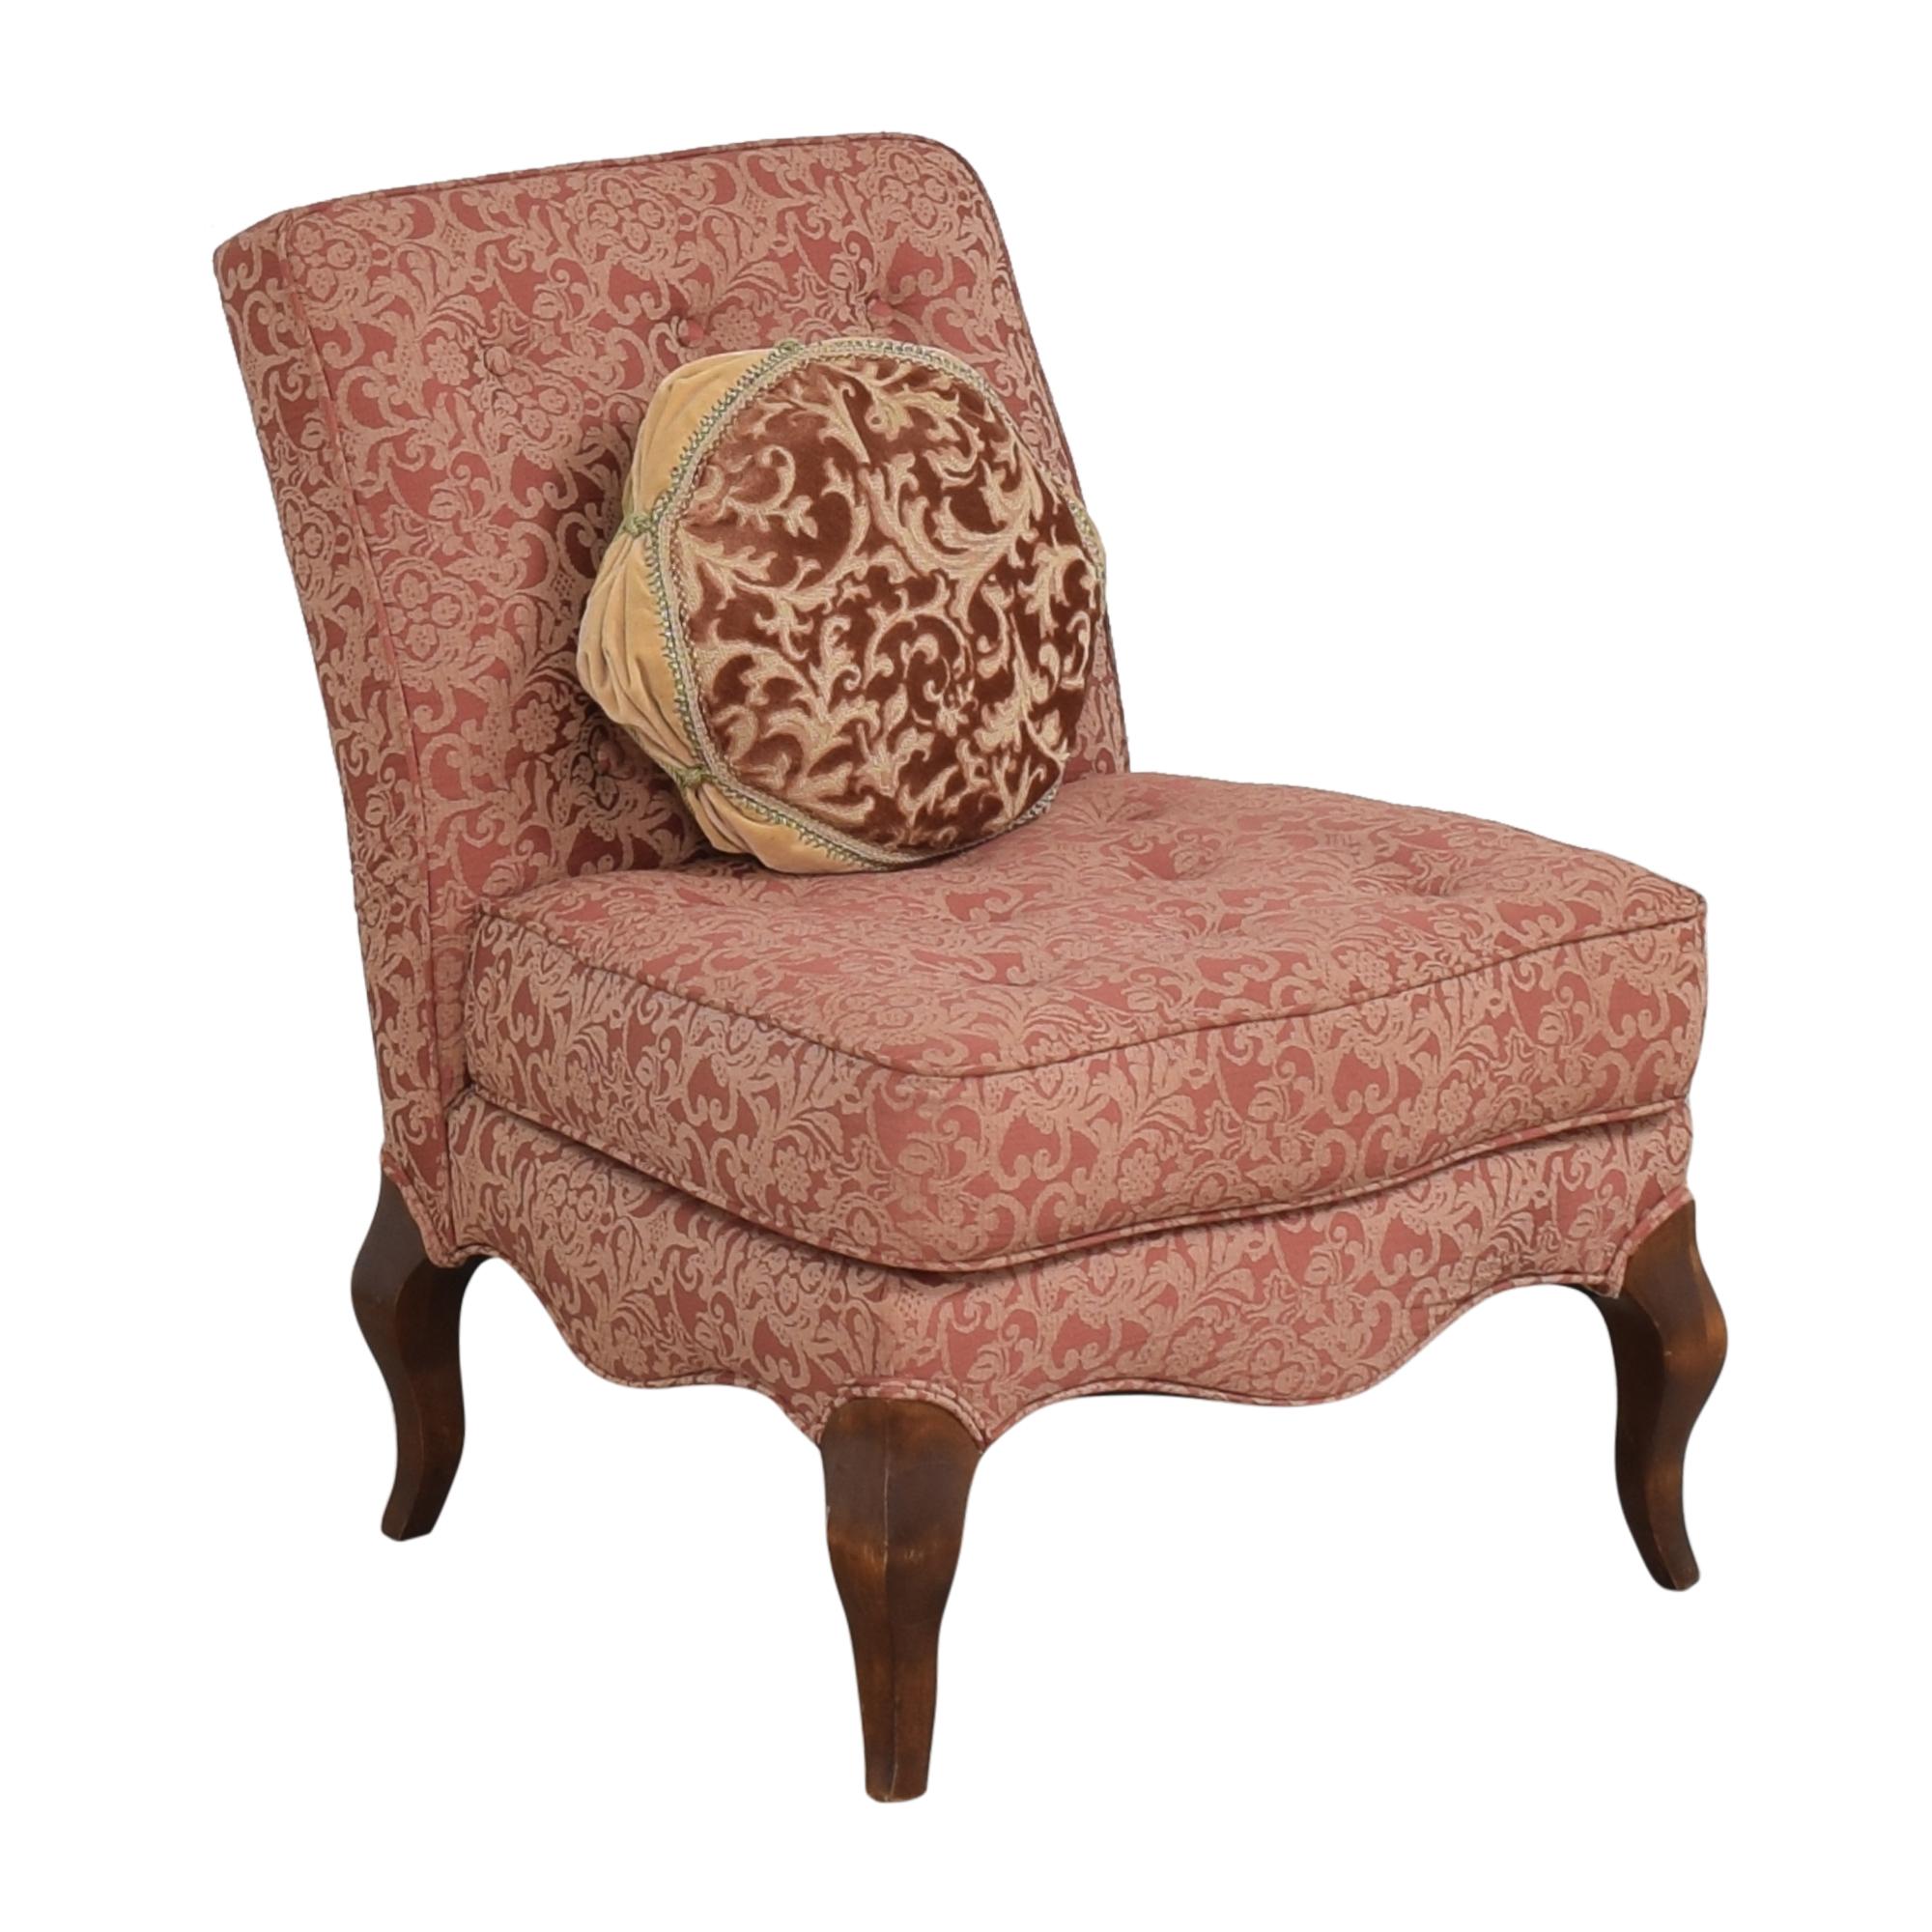 buy Bloomingdale's Bloomingdale's Slipper Chair online